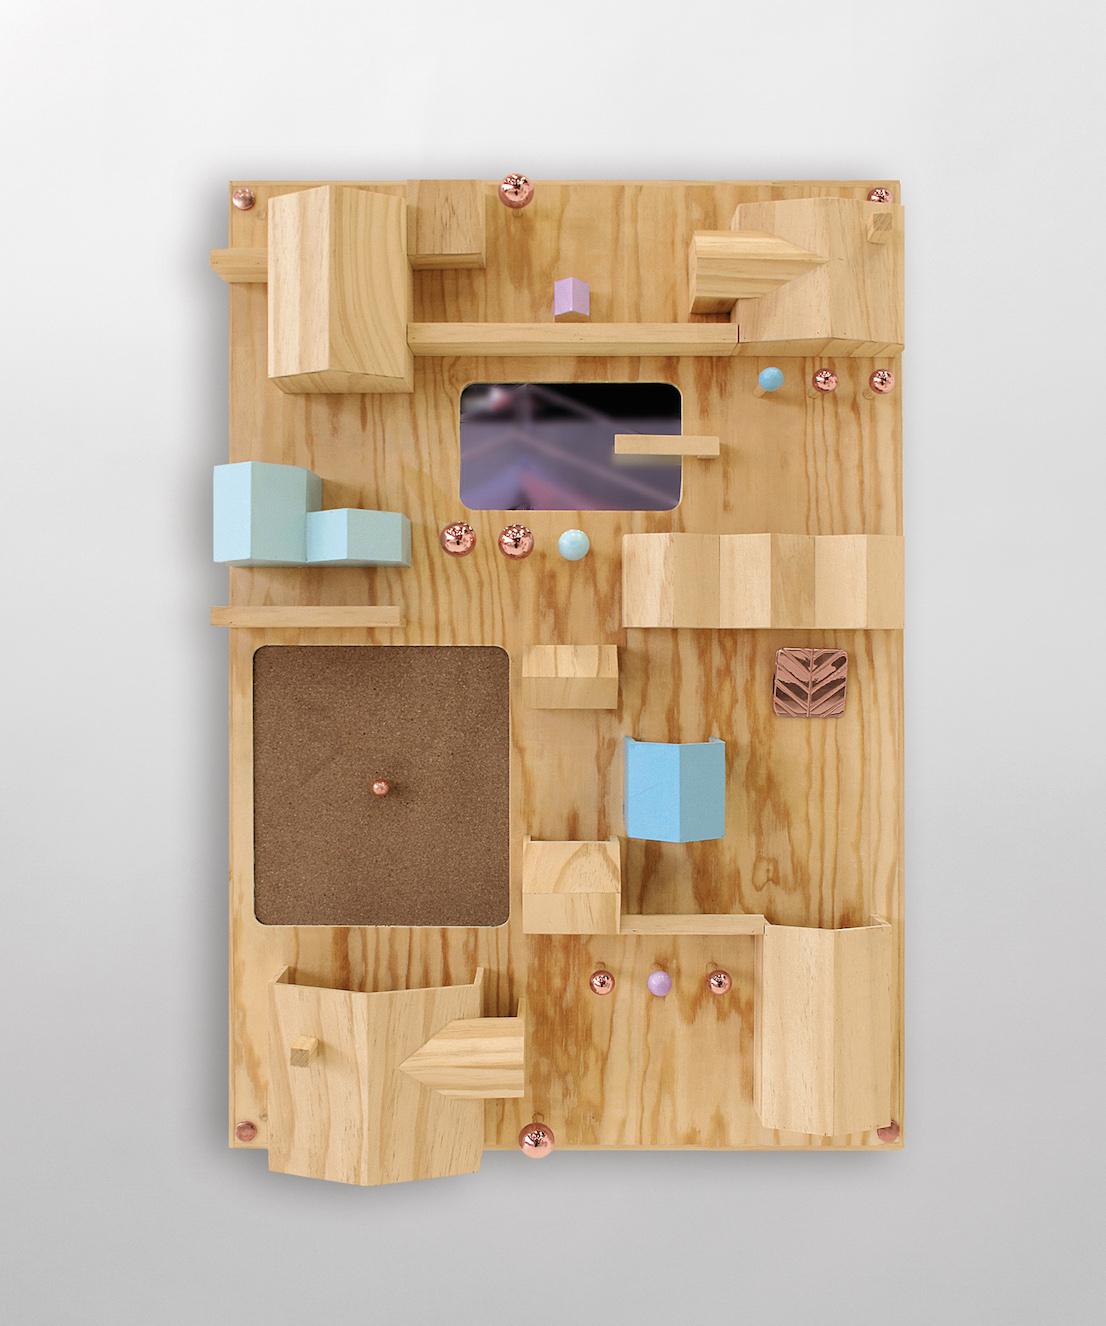 Suburbia, design by Note Design Studio for Seletti.